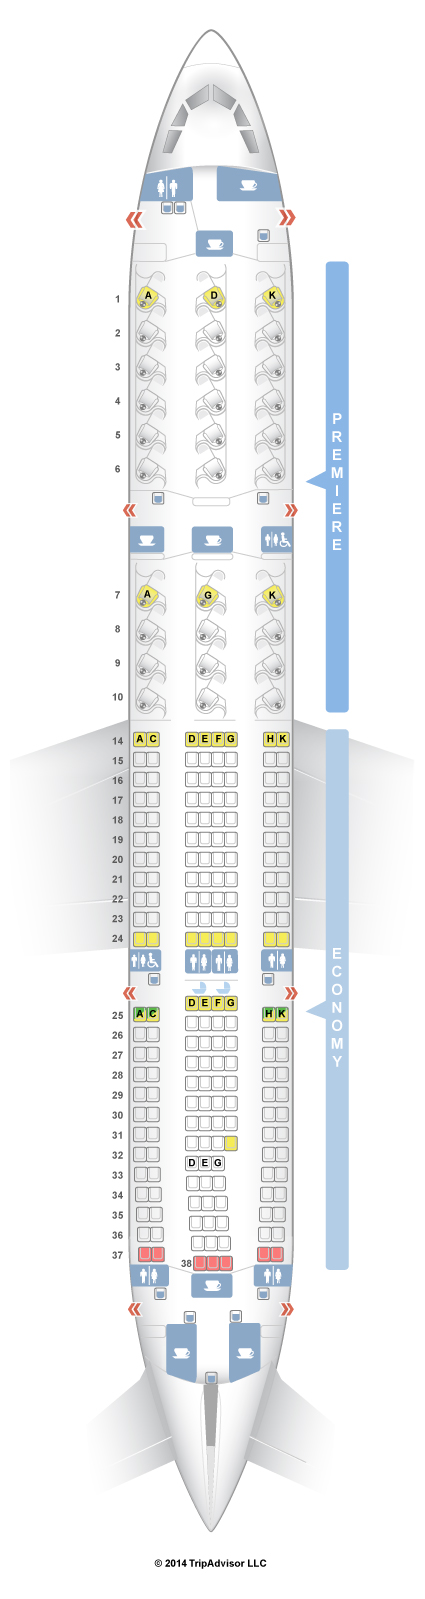 Boeing 737 900 Seating